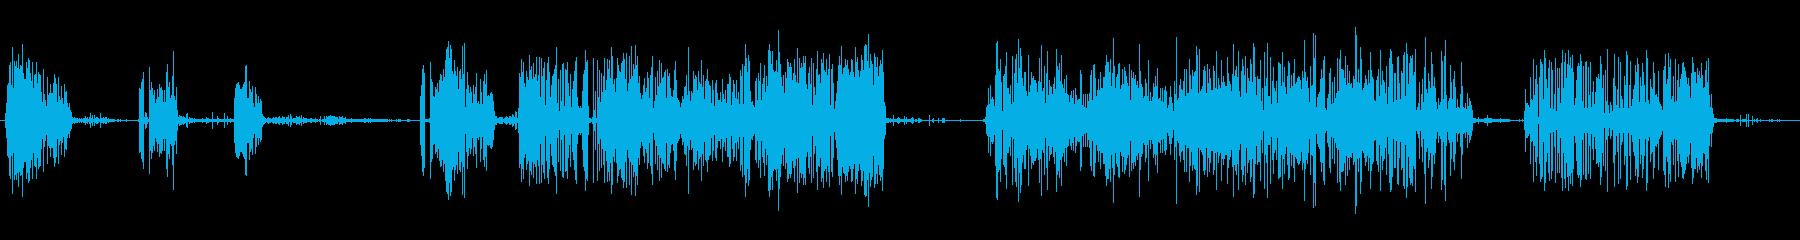 アーク溶接機:さまざまなアークと火花の再生済みの波形